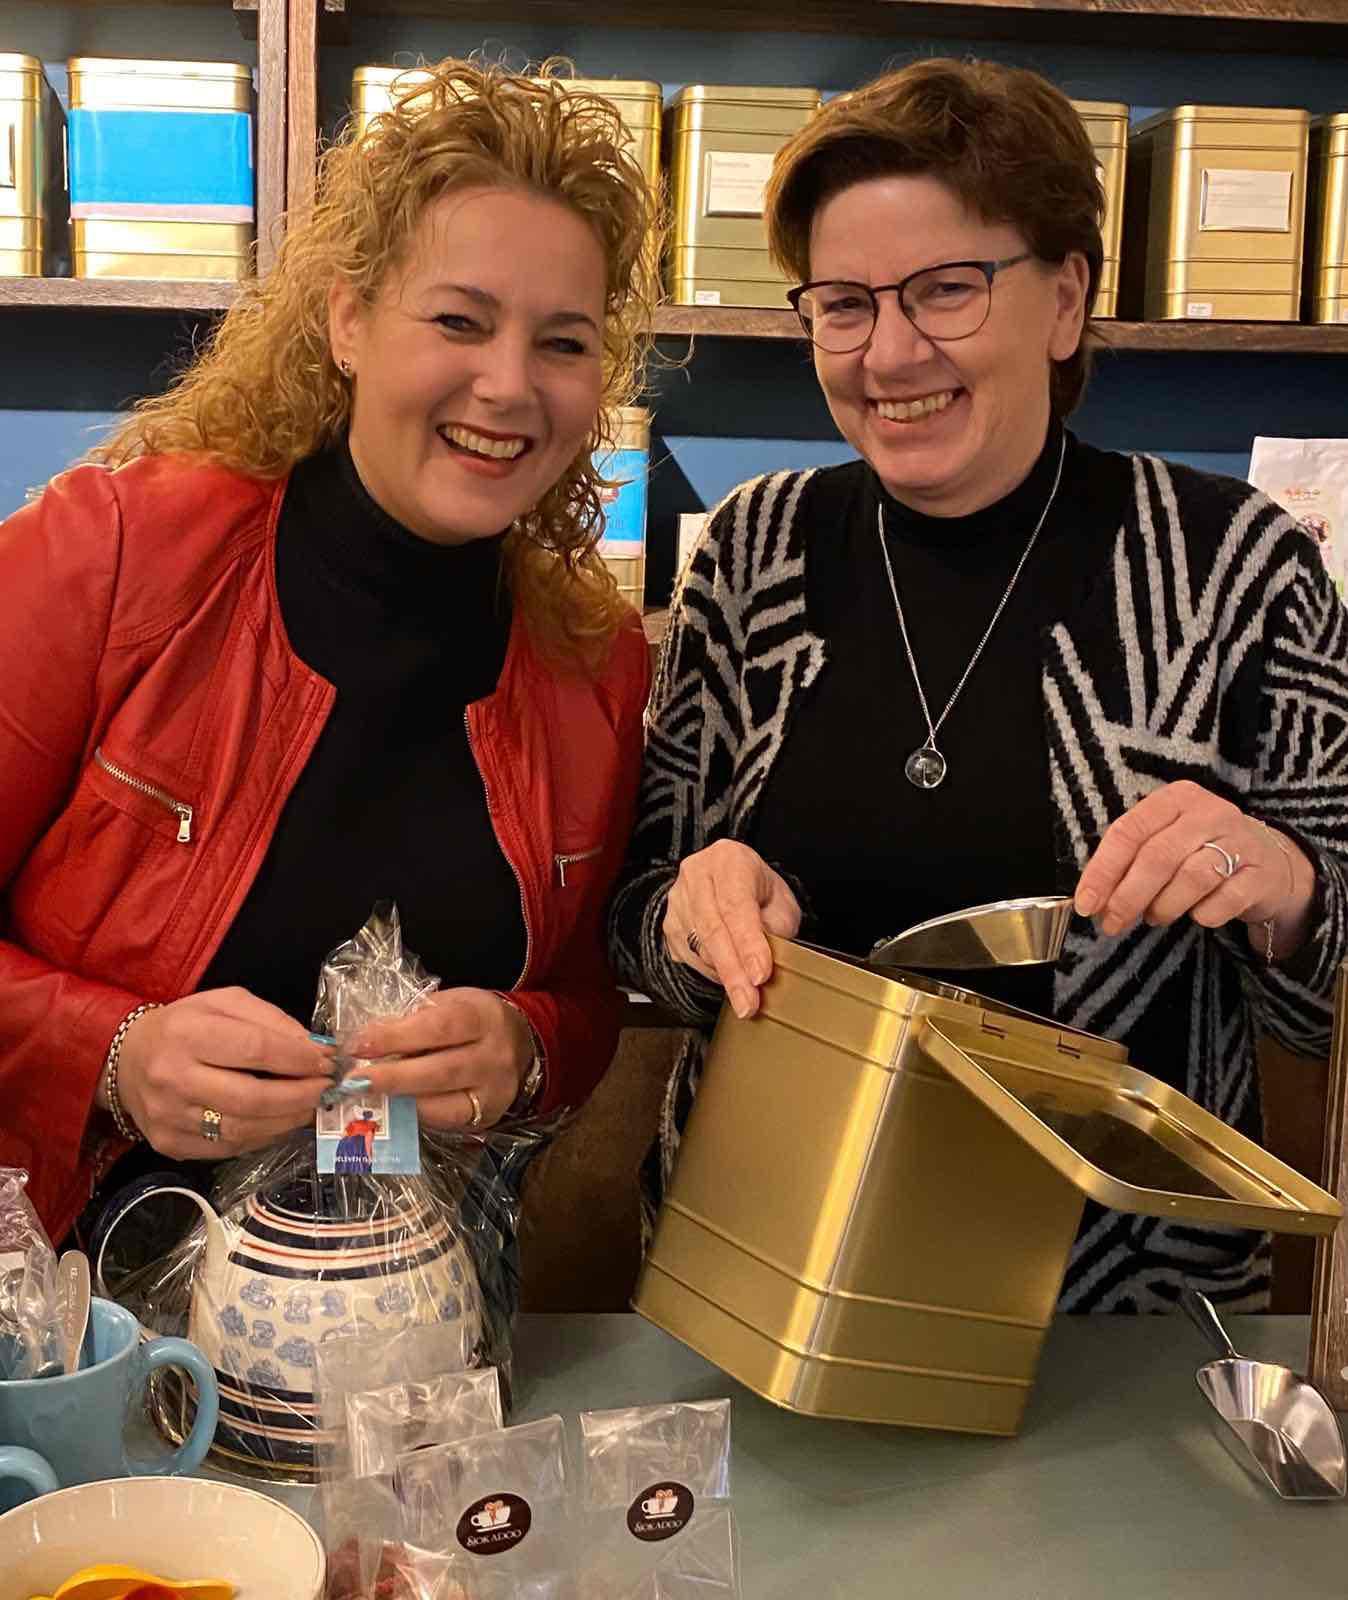 De ondernemers achter Sjokadoo uit Arnemuiden die wij steunen met deze moederdag actie